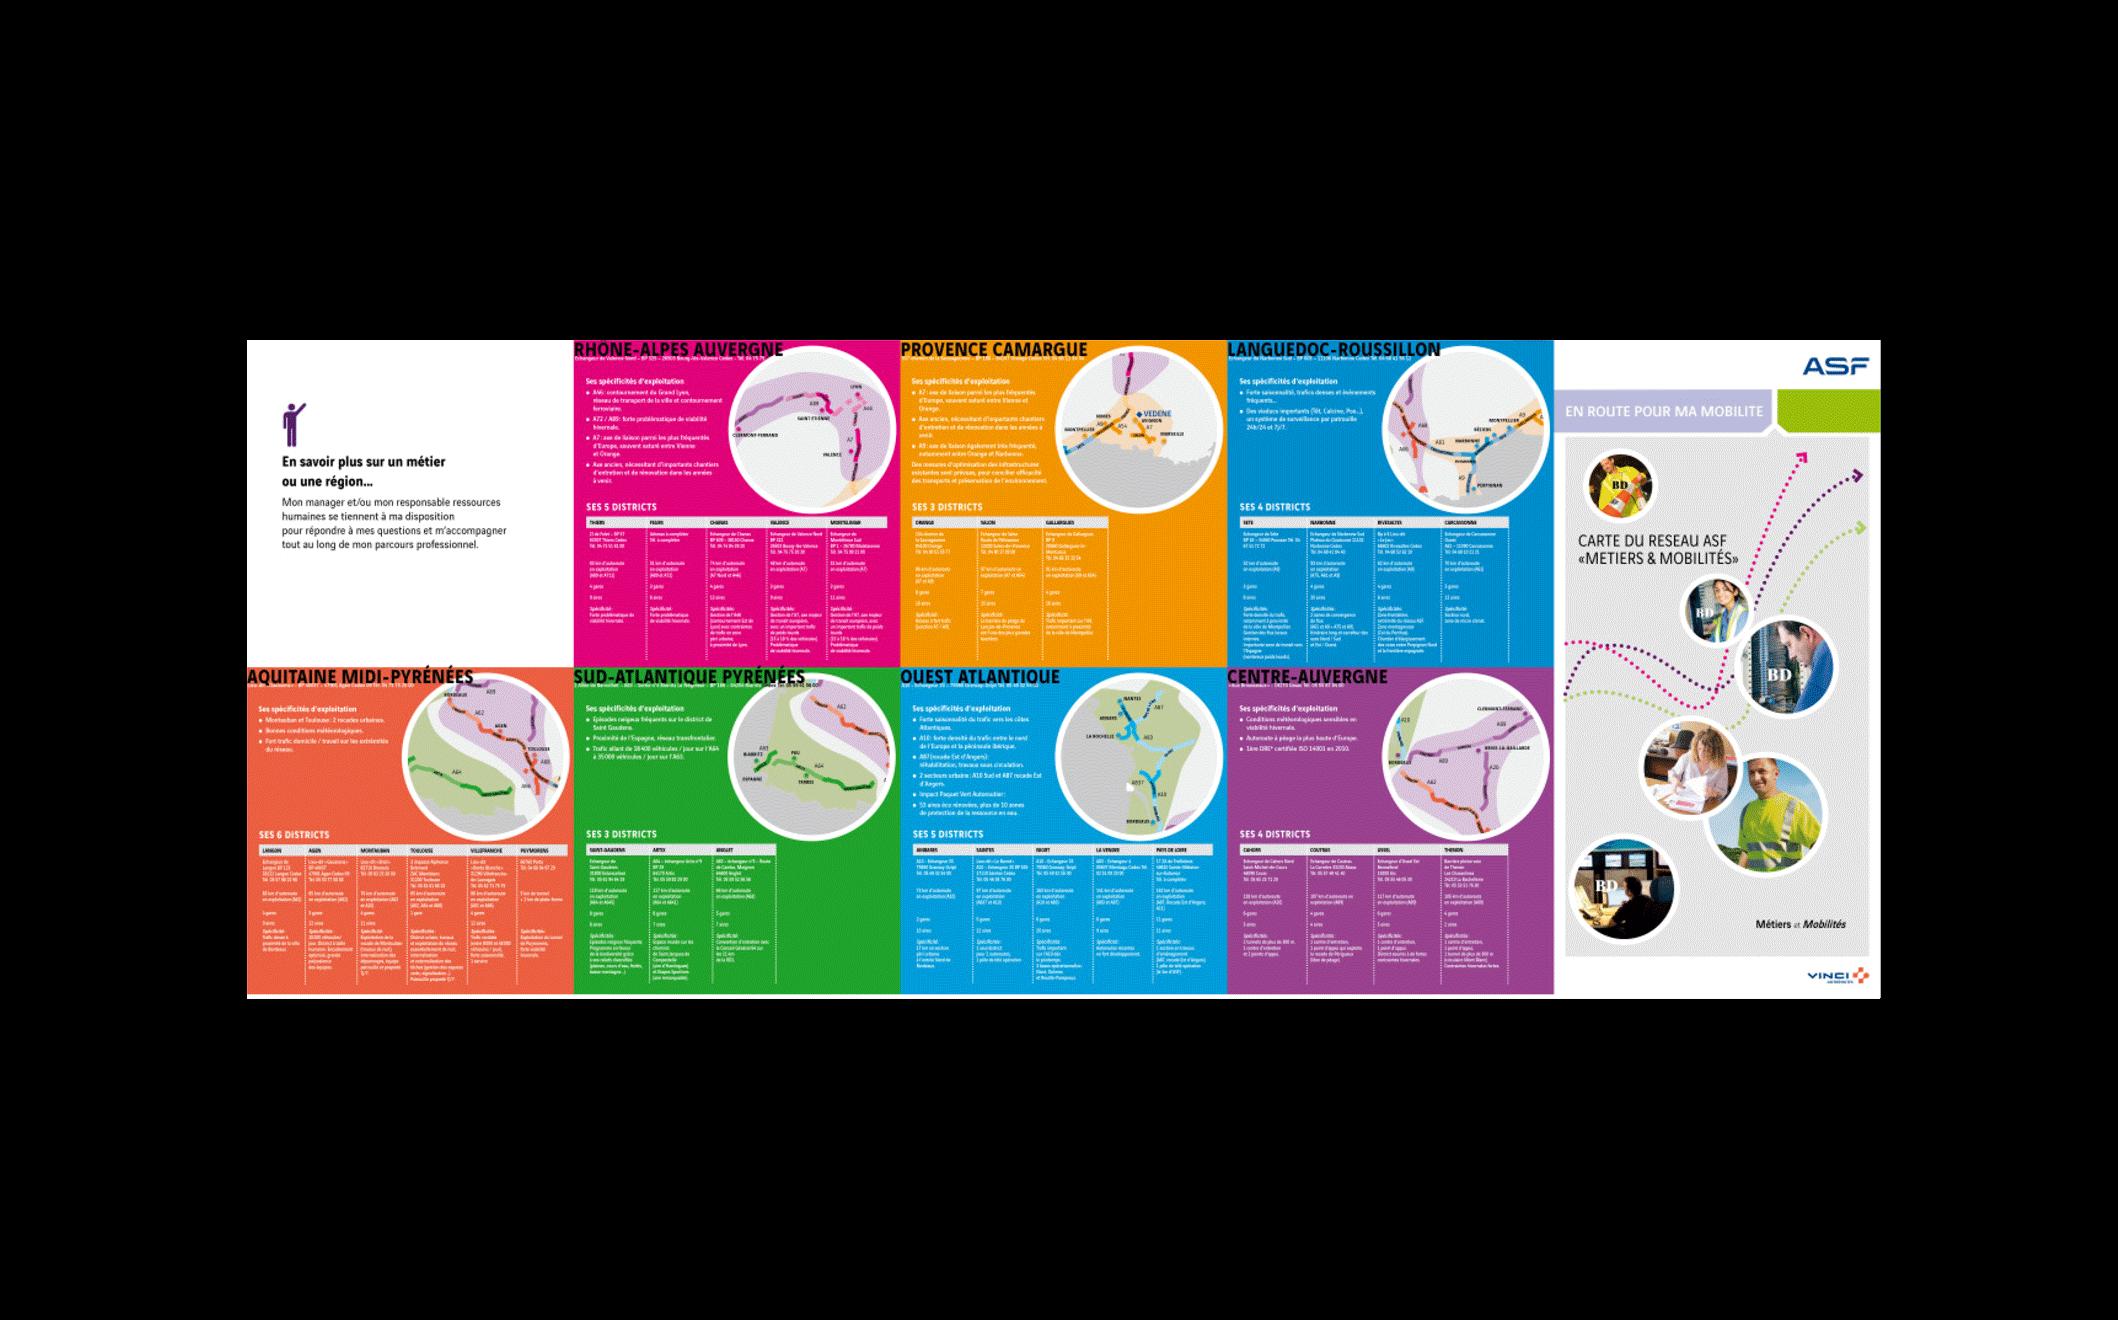 ASF VINCI AUTOROUTE : Campagne interne mobilité Création des supports de la campagne par IB STUDIO Idées et Images Uzès